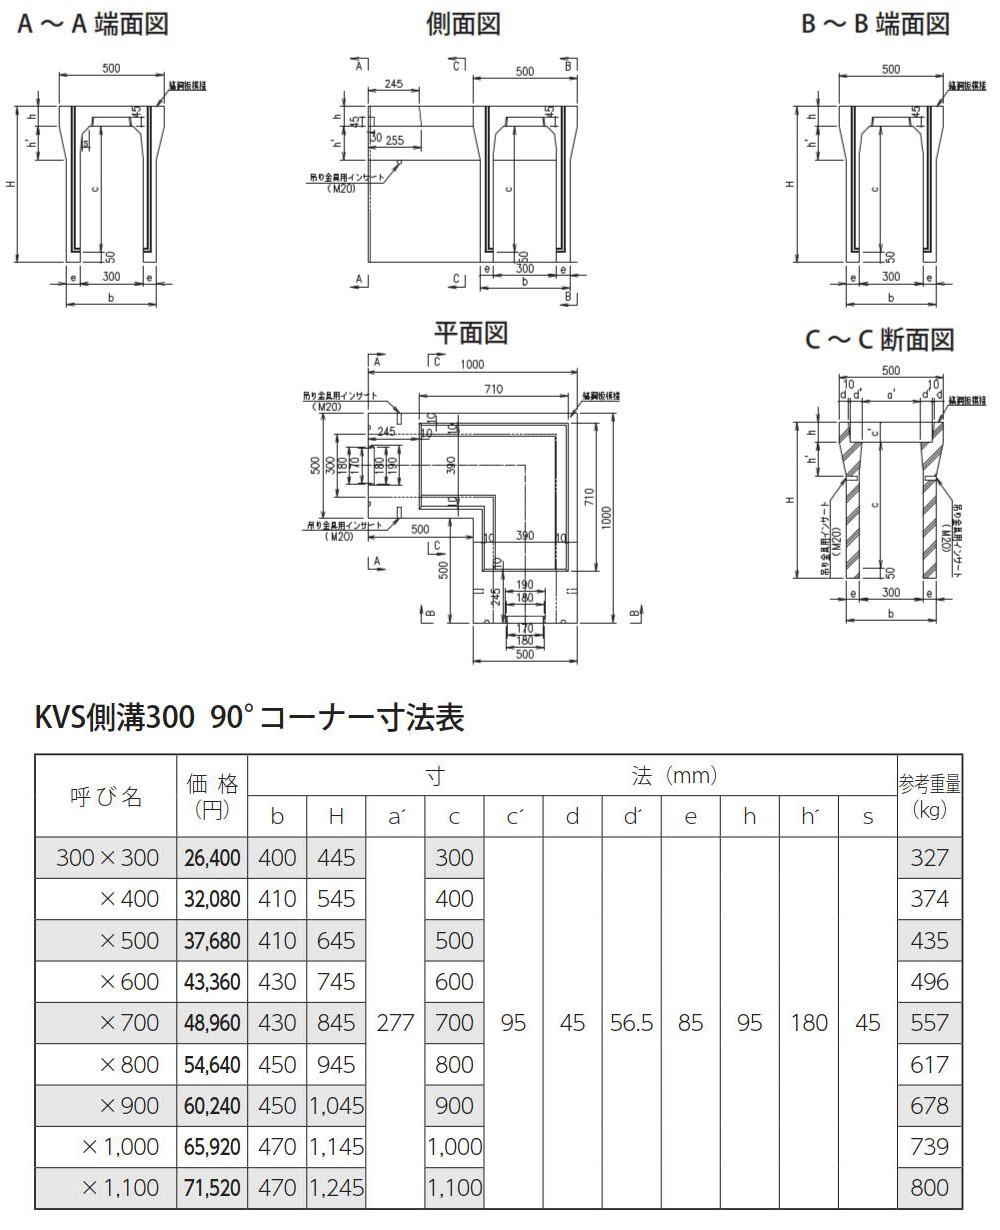 オリジナル側溝|自由勾配側溝(KVS側溝)土留、90°/135°コーナー、蓋 外形寸法 1